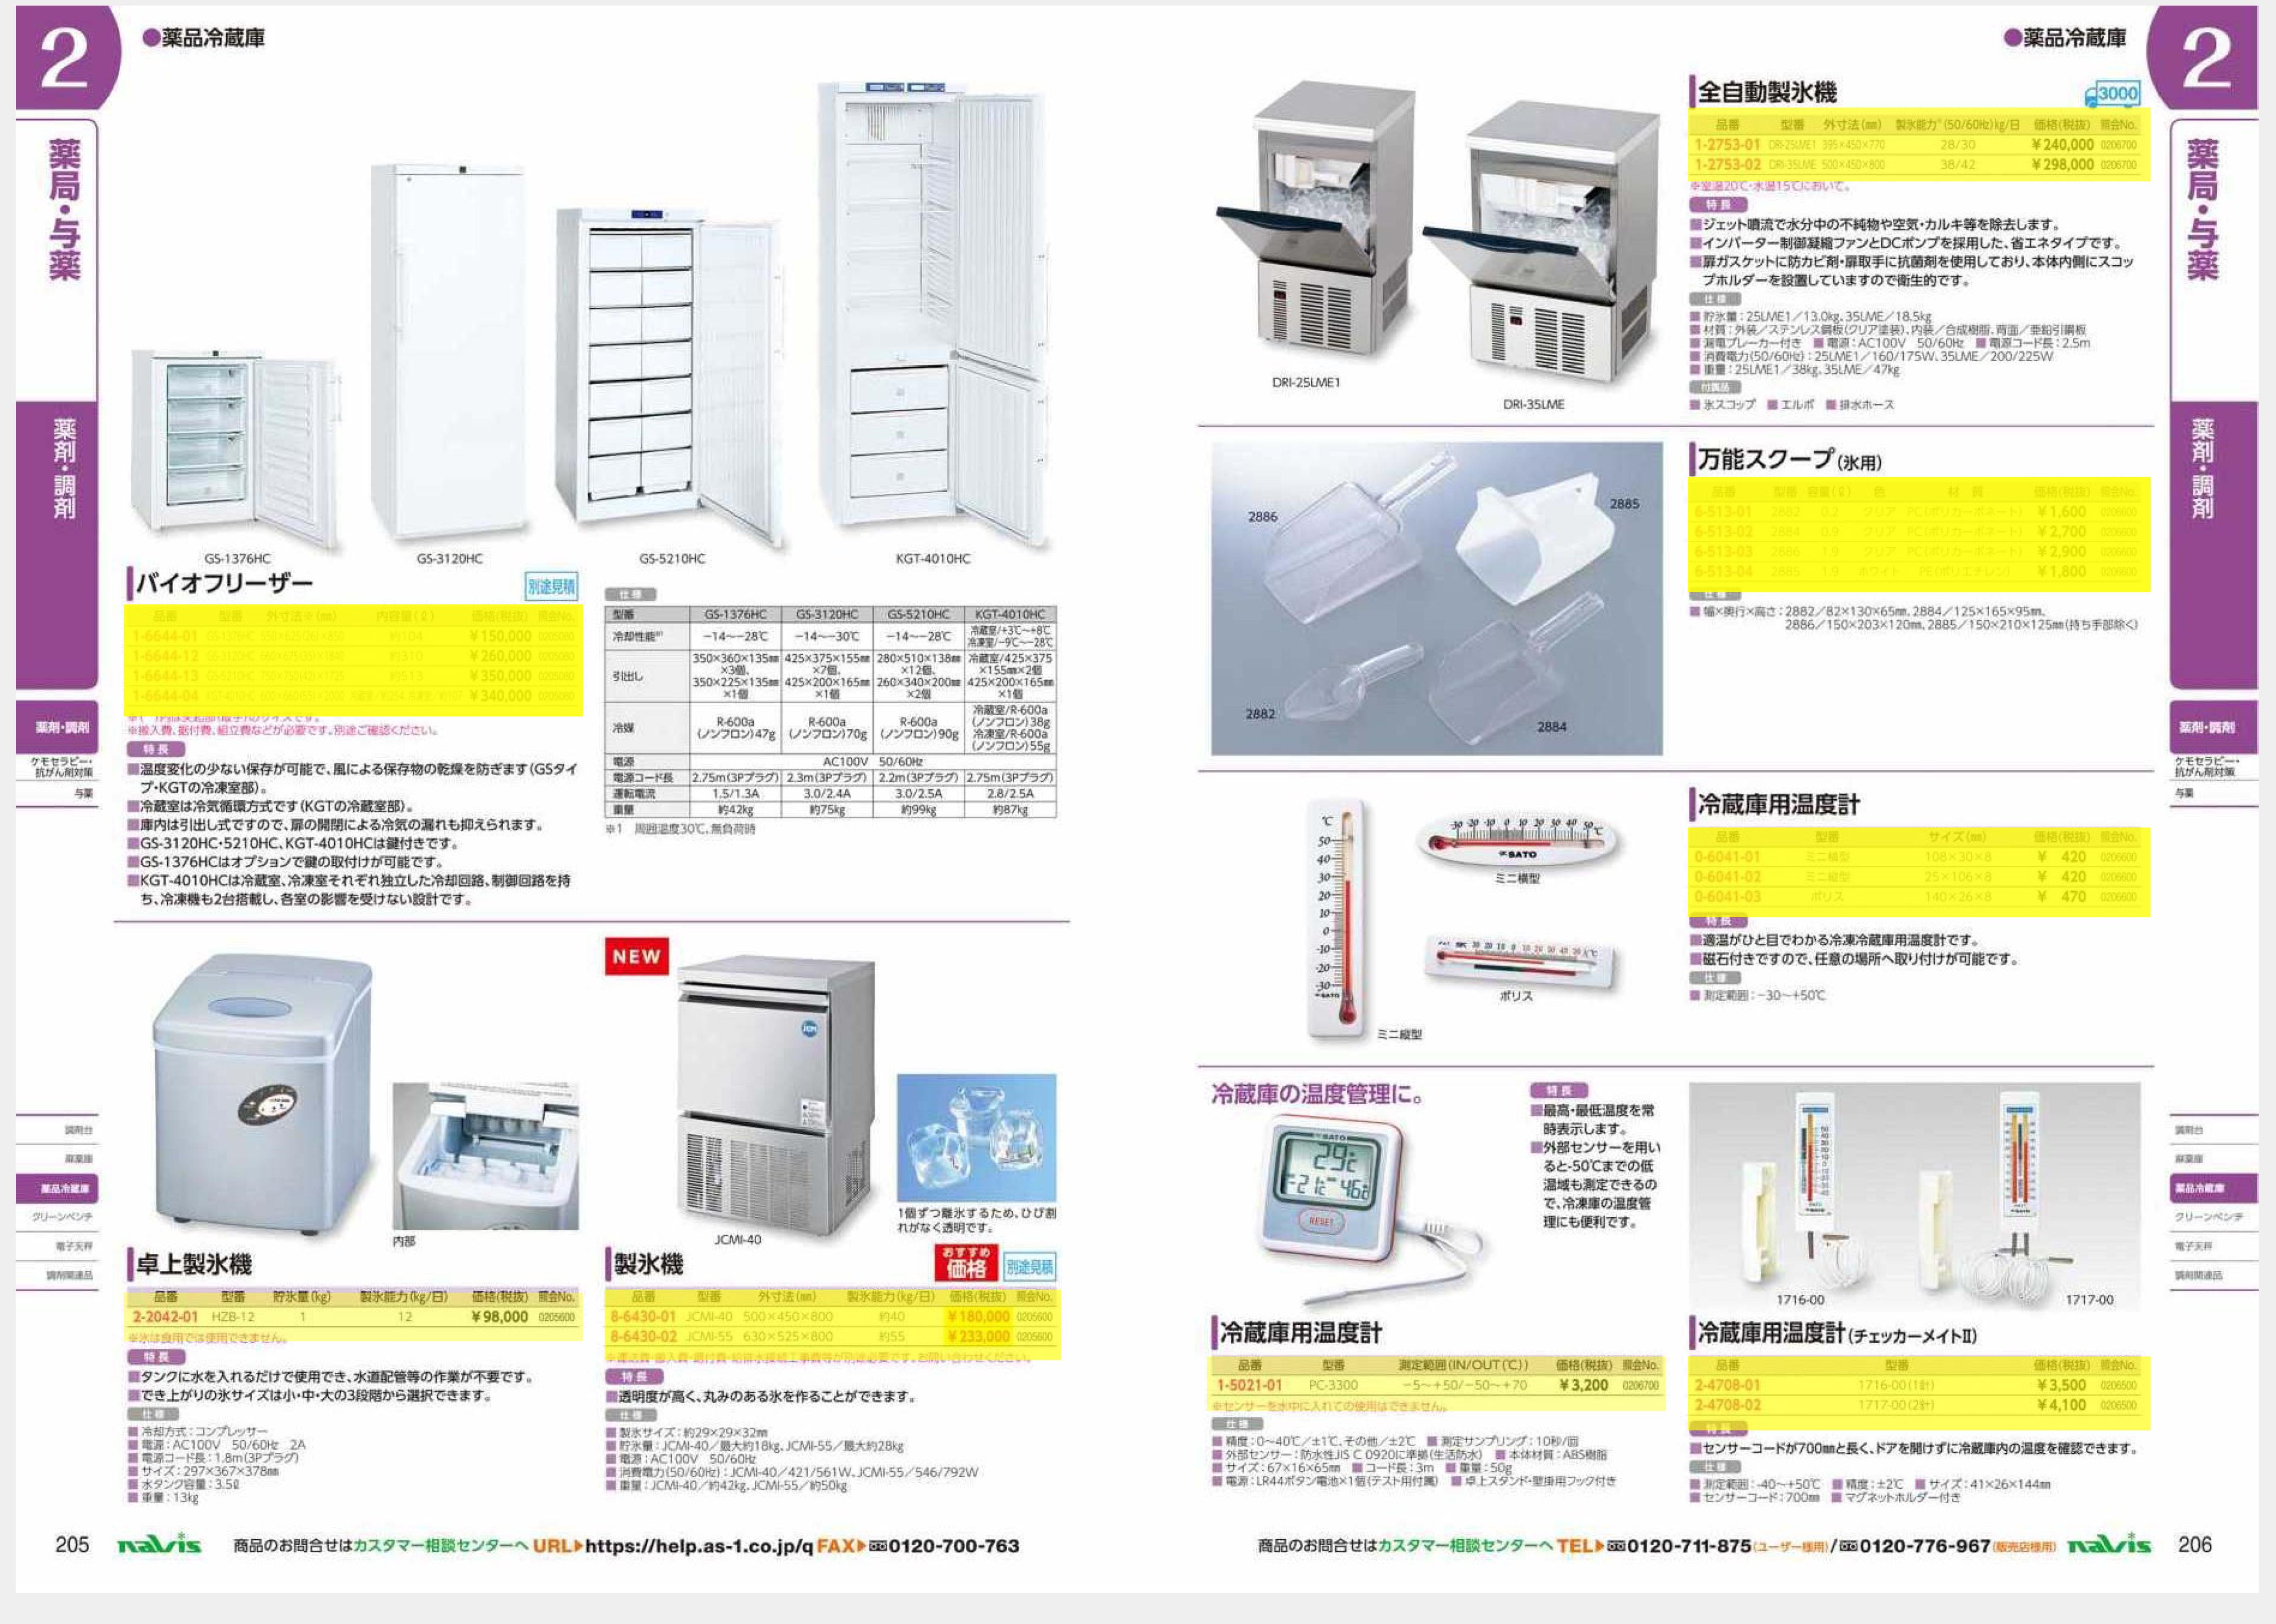 ナビス50000 日本フリーザー 1-6644-01 バイオフリーザー 550×625(26)×850mm[個](as1-1-6644-01)